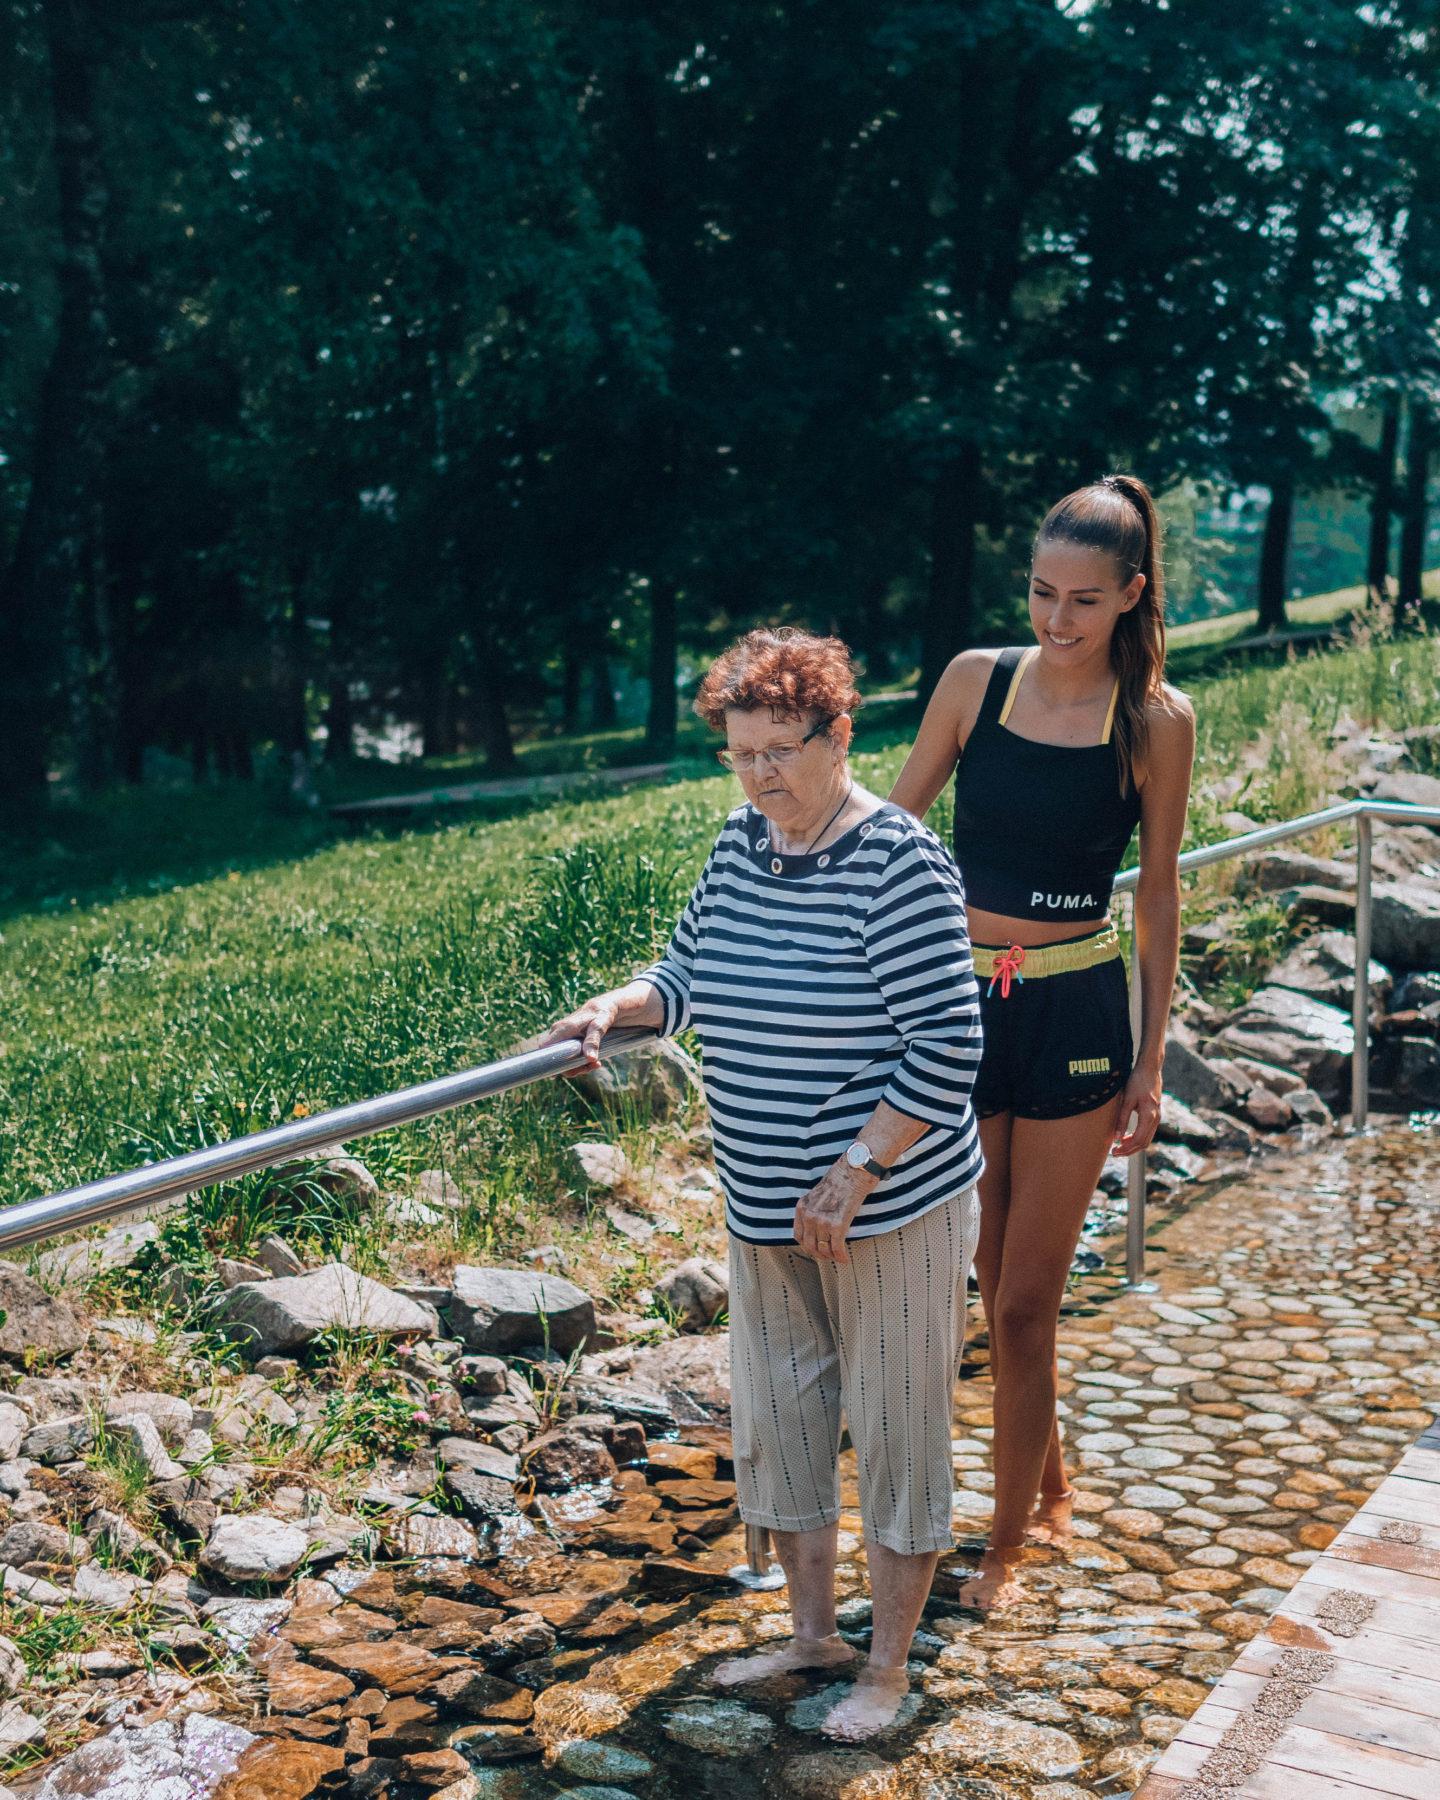 jeseník jeseníky výlet brunettie priessnitzovy lázně promenáda balneopark prissnietz babička